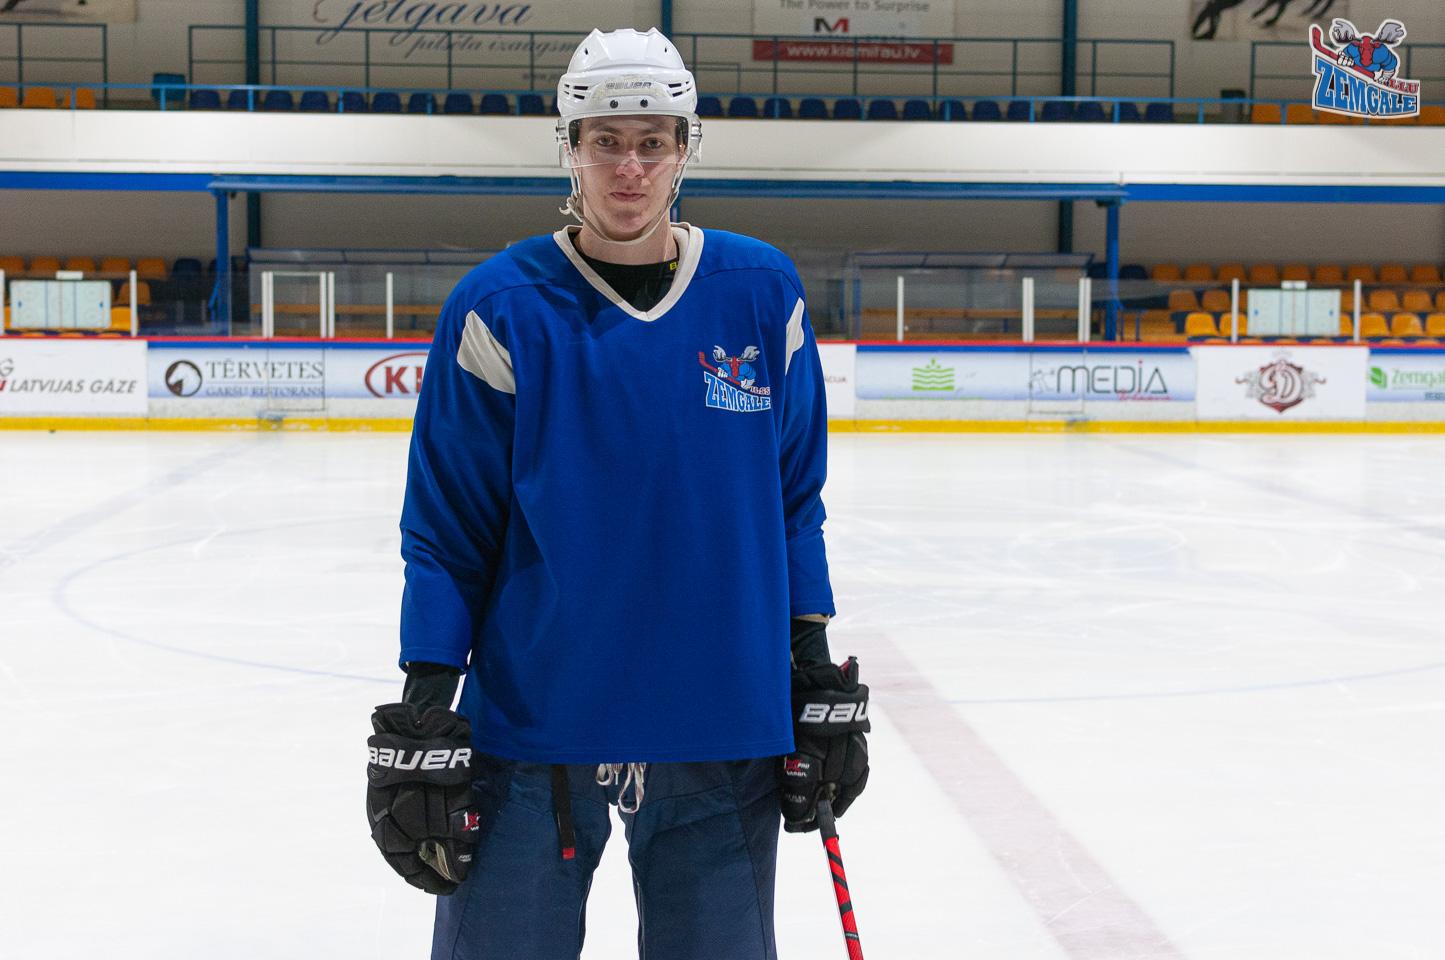 Hokeja spēlētājs pozē uz ledus